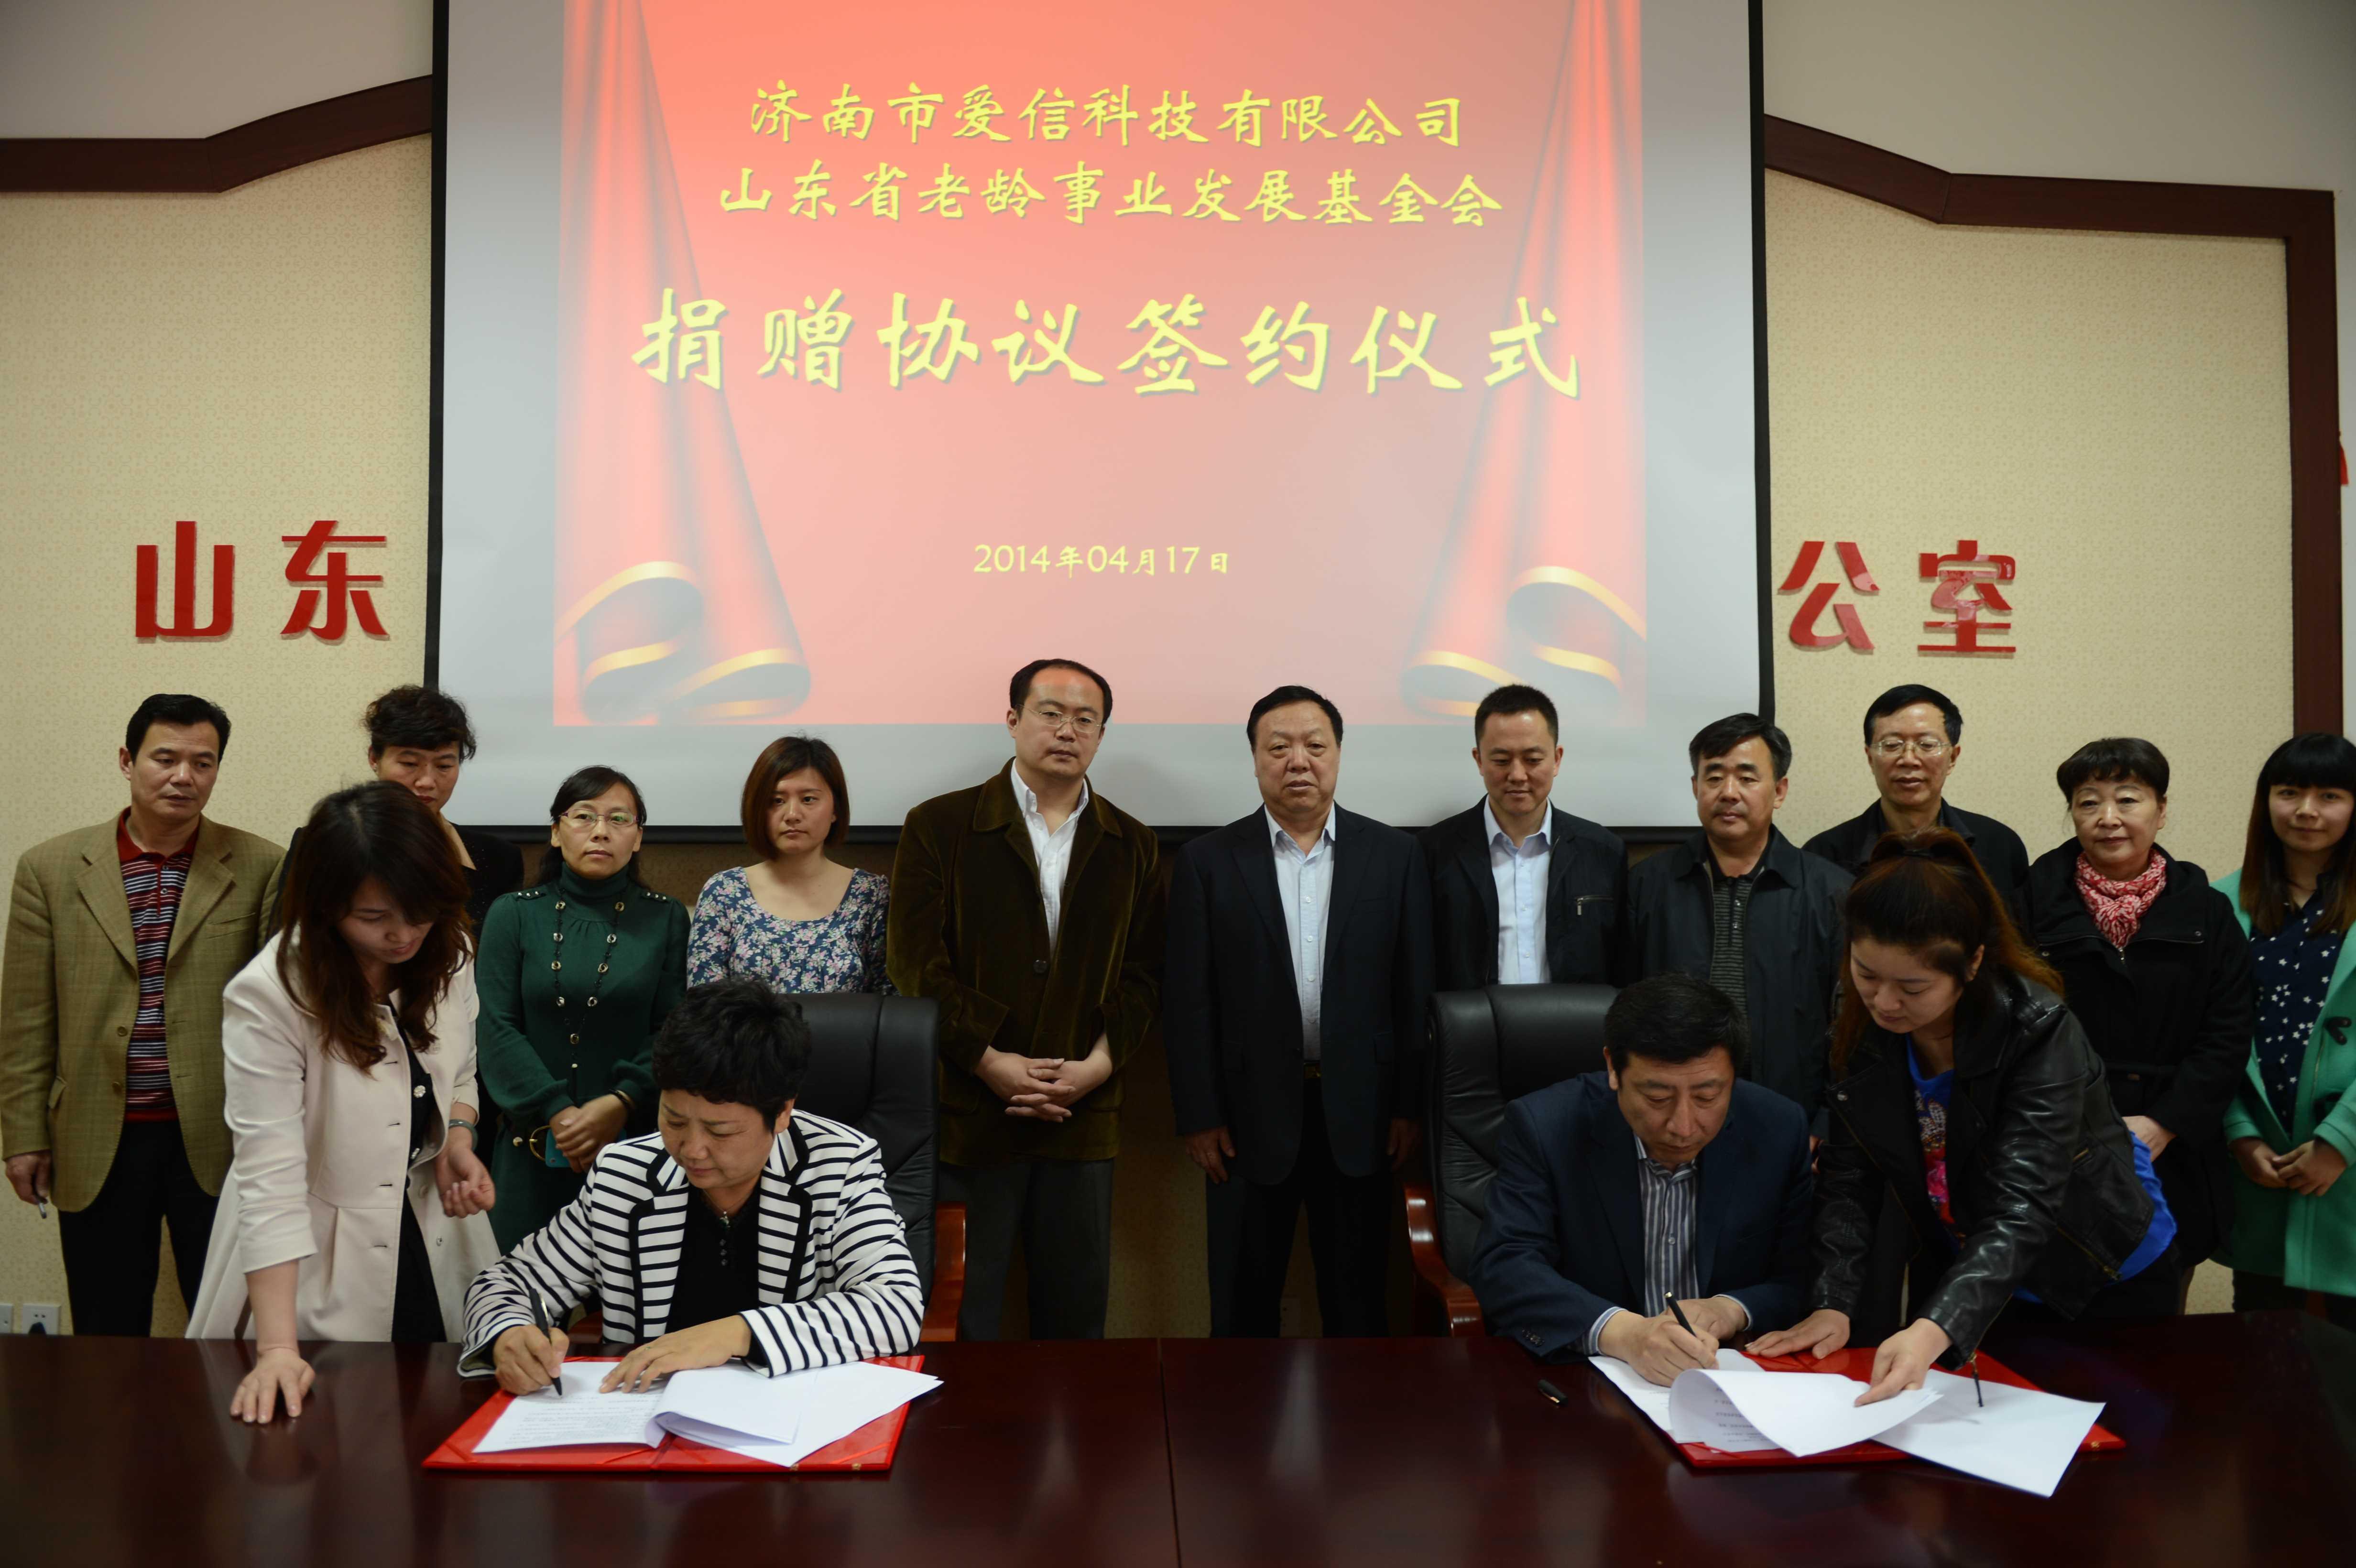 2014年4月17日,ag亚由集团|开户和济南市爱信科技有限公司举行捐赠协议签约仪式。